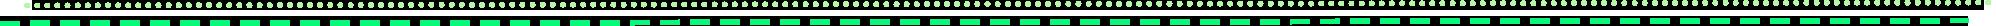 traços pontilhados para divisão da tela vertical